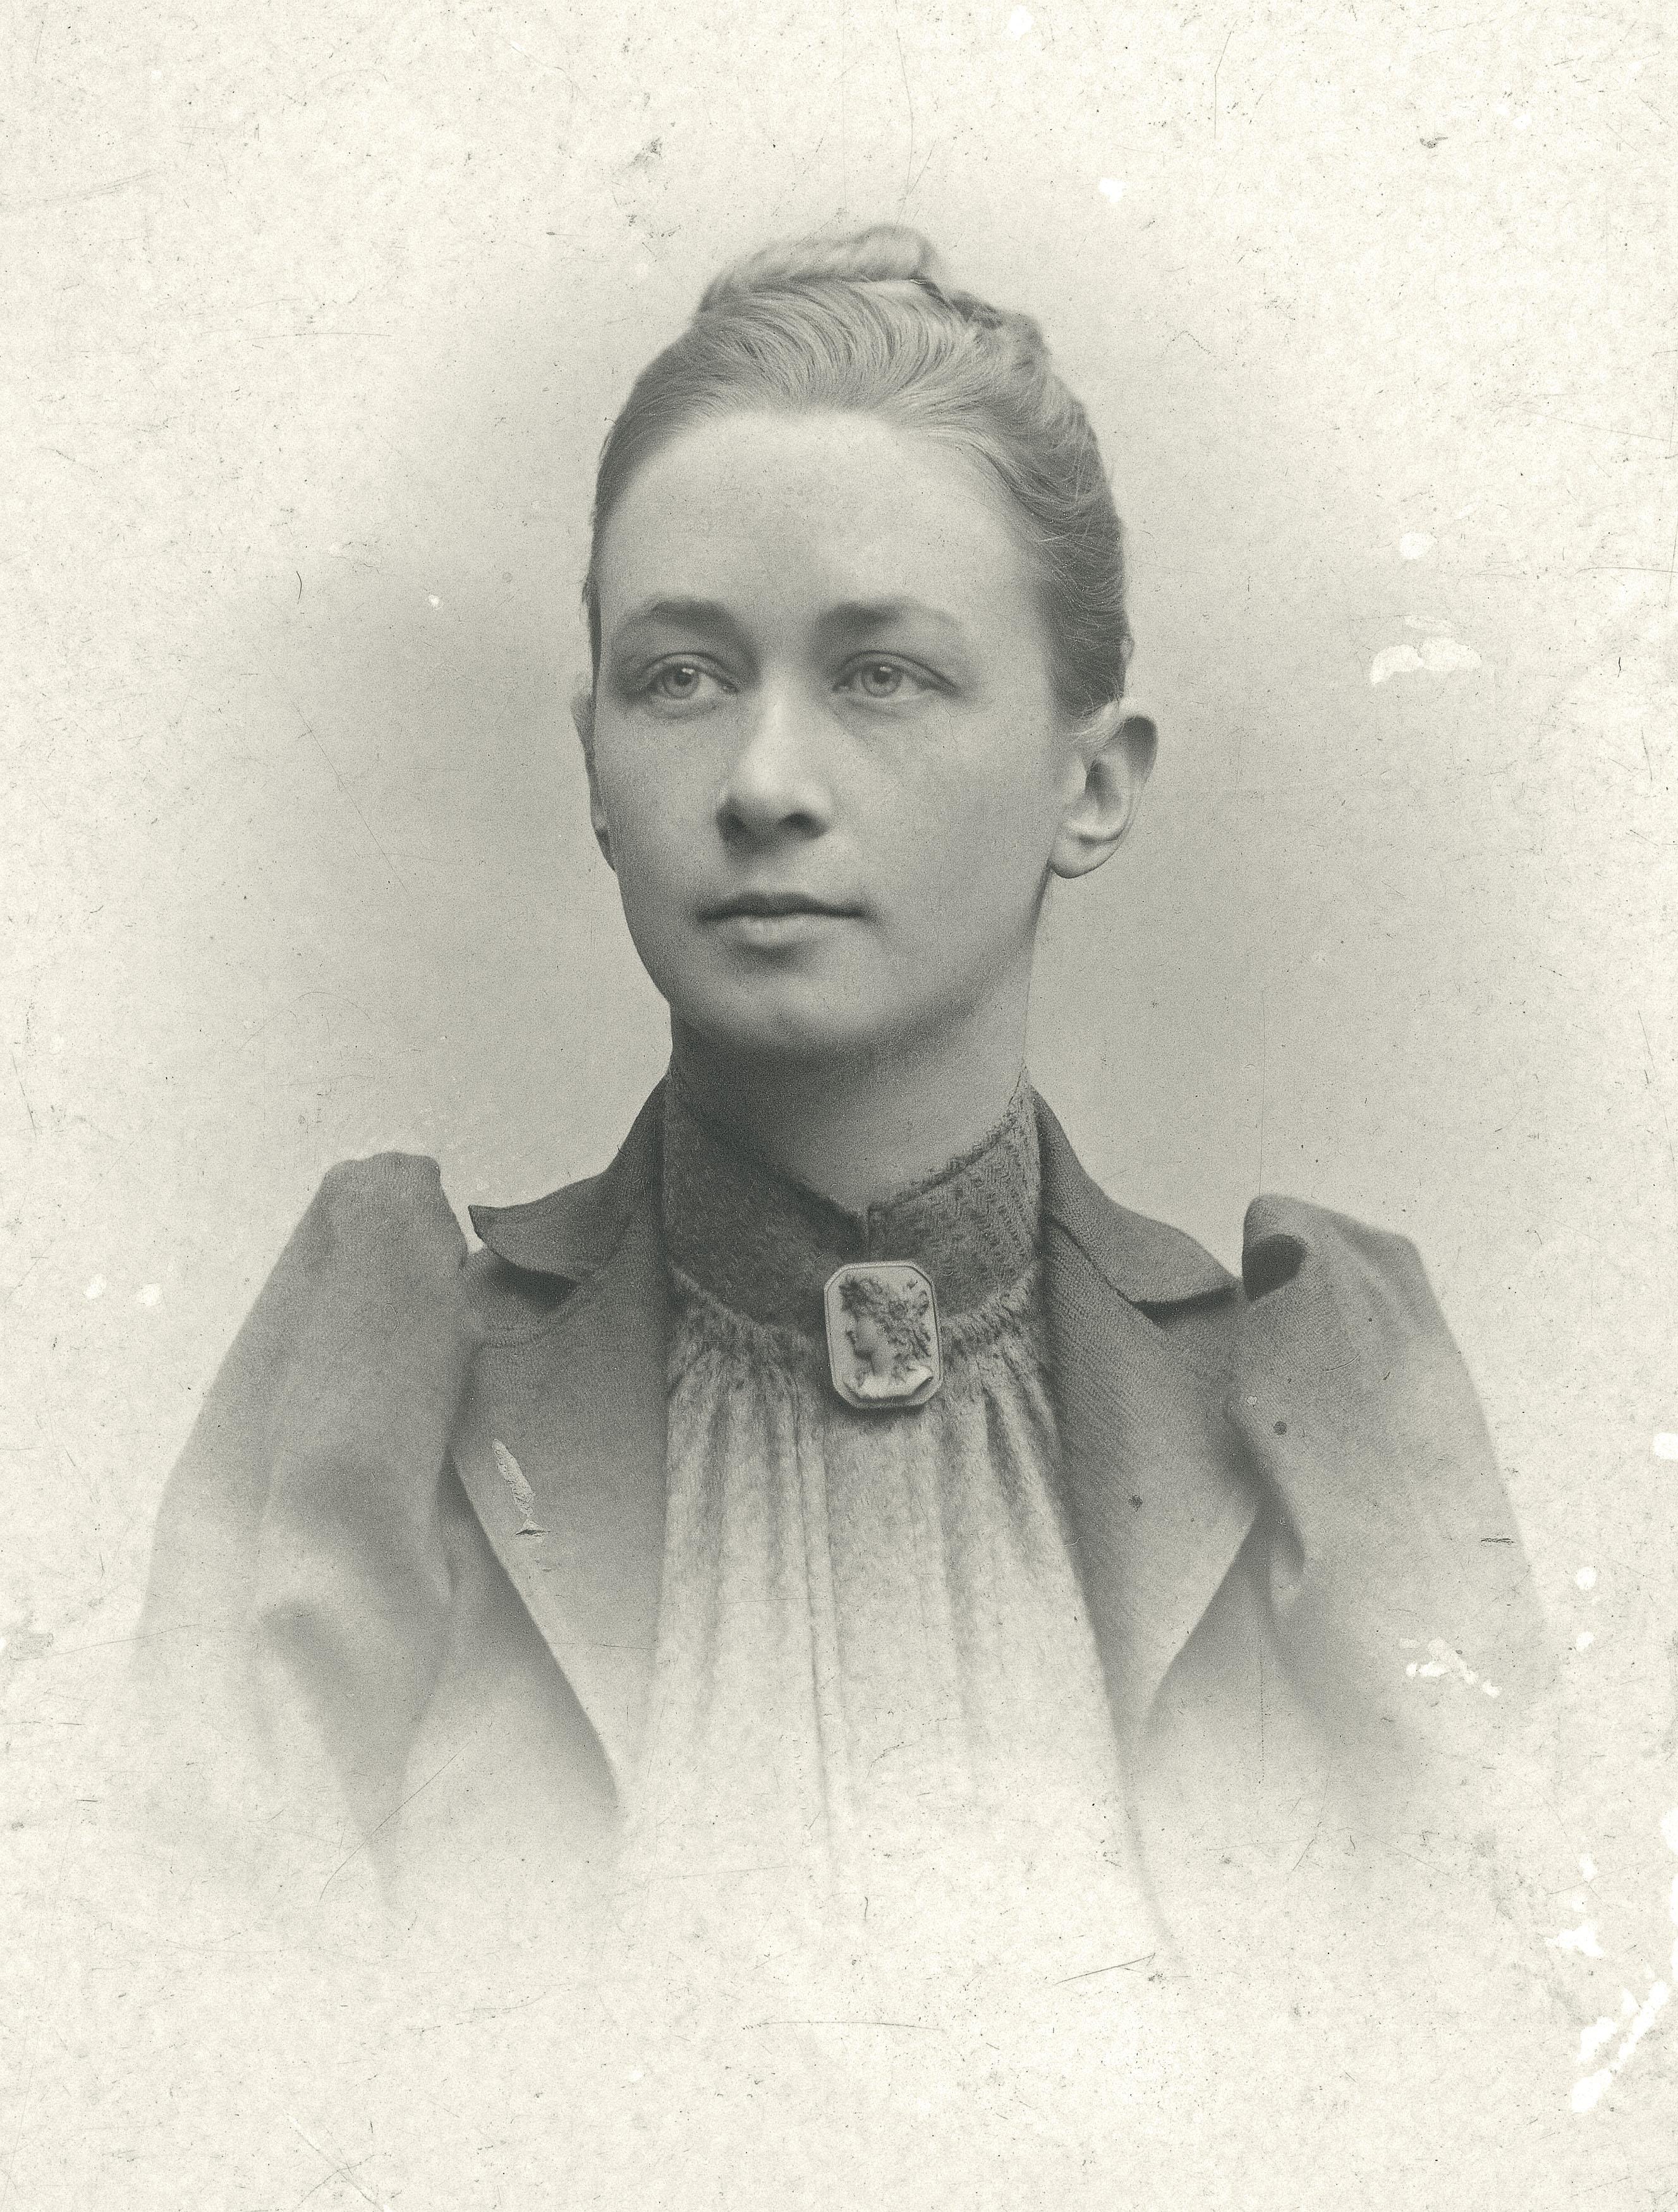 Portrait photo c. 1901 or earlier